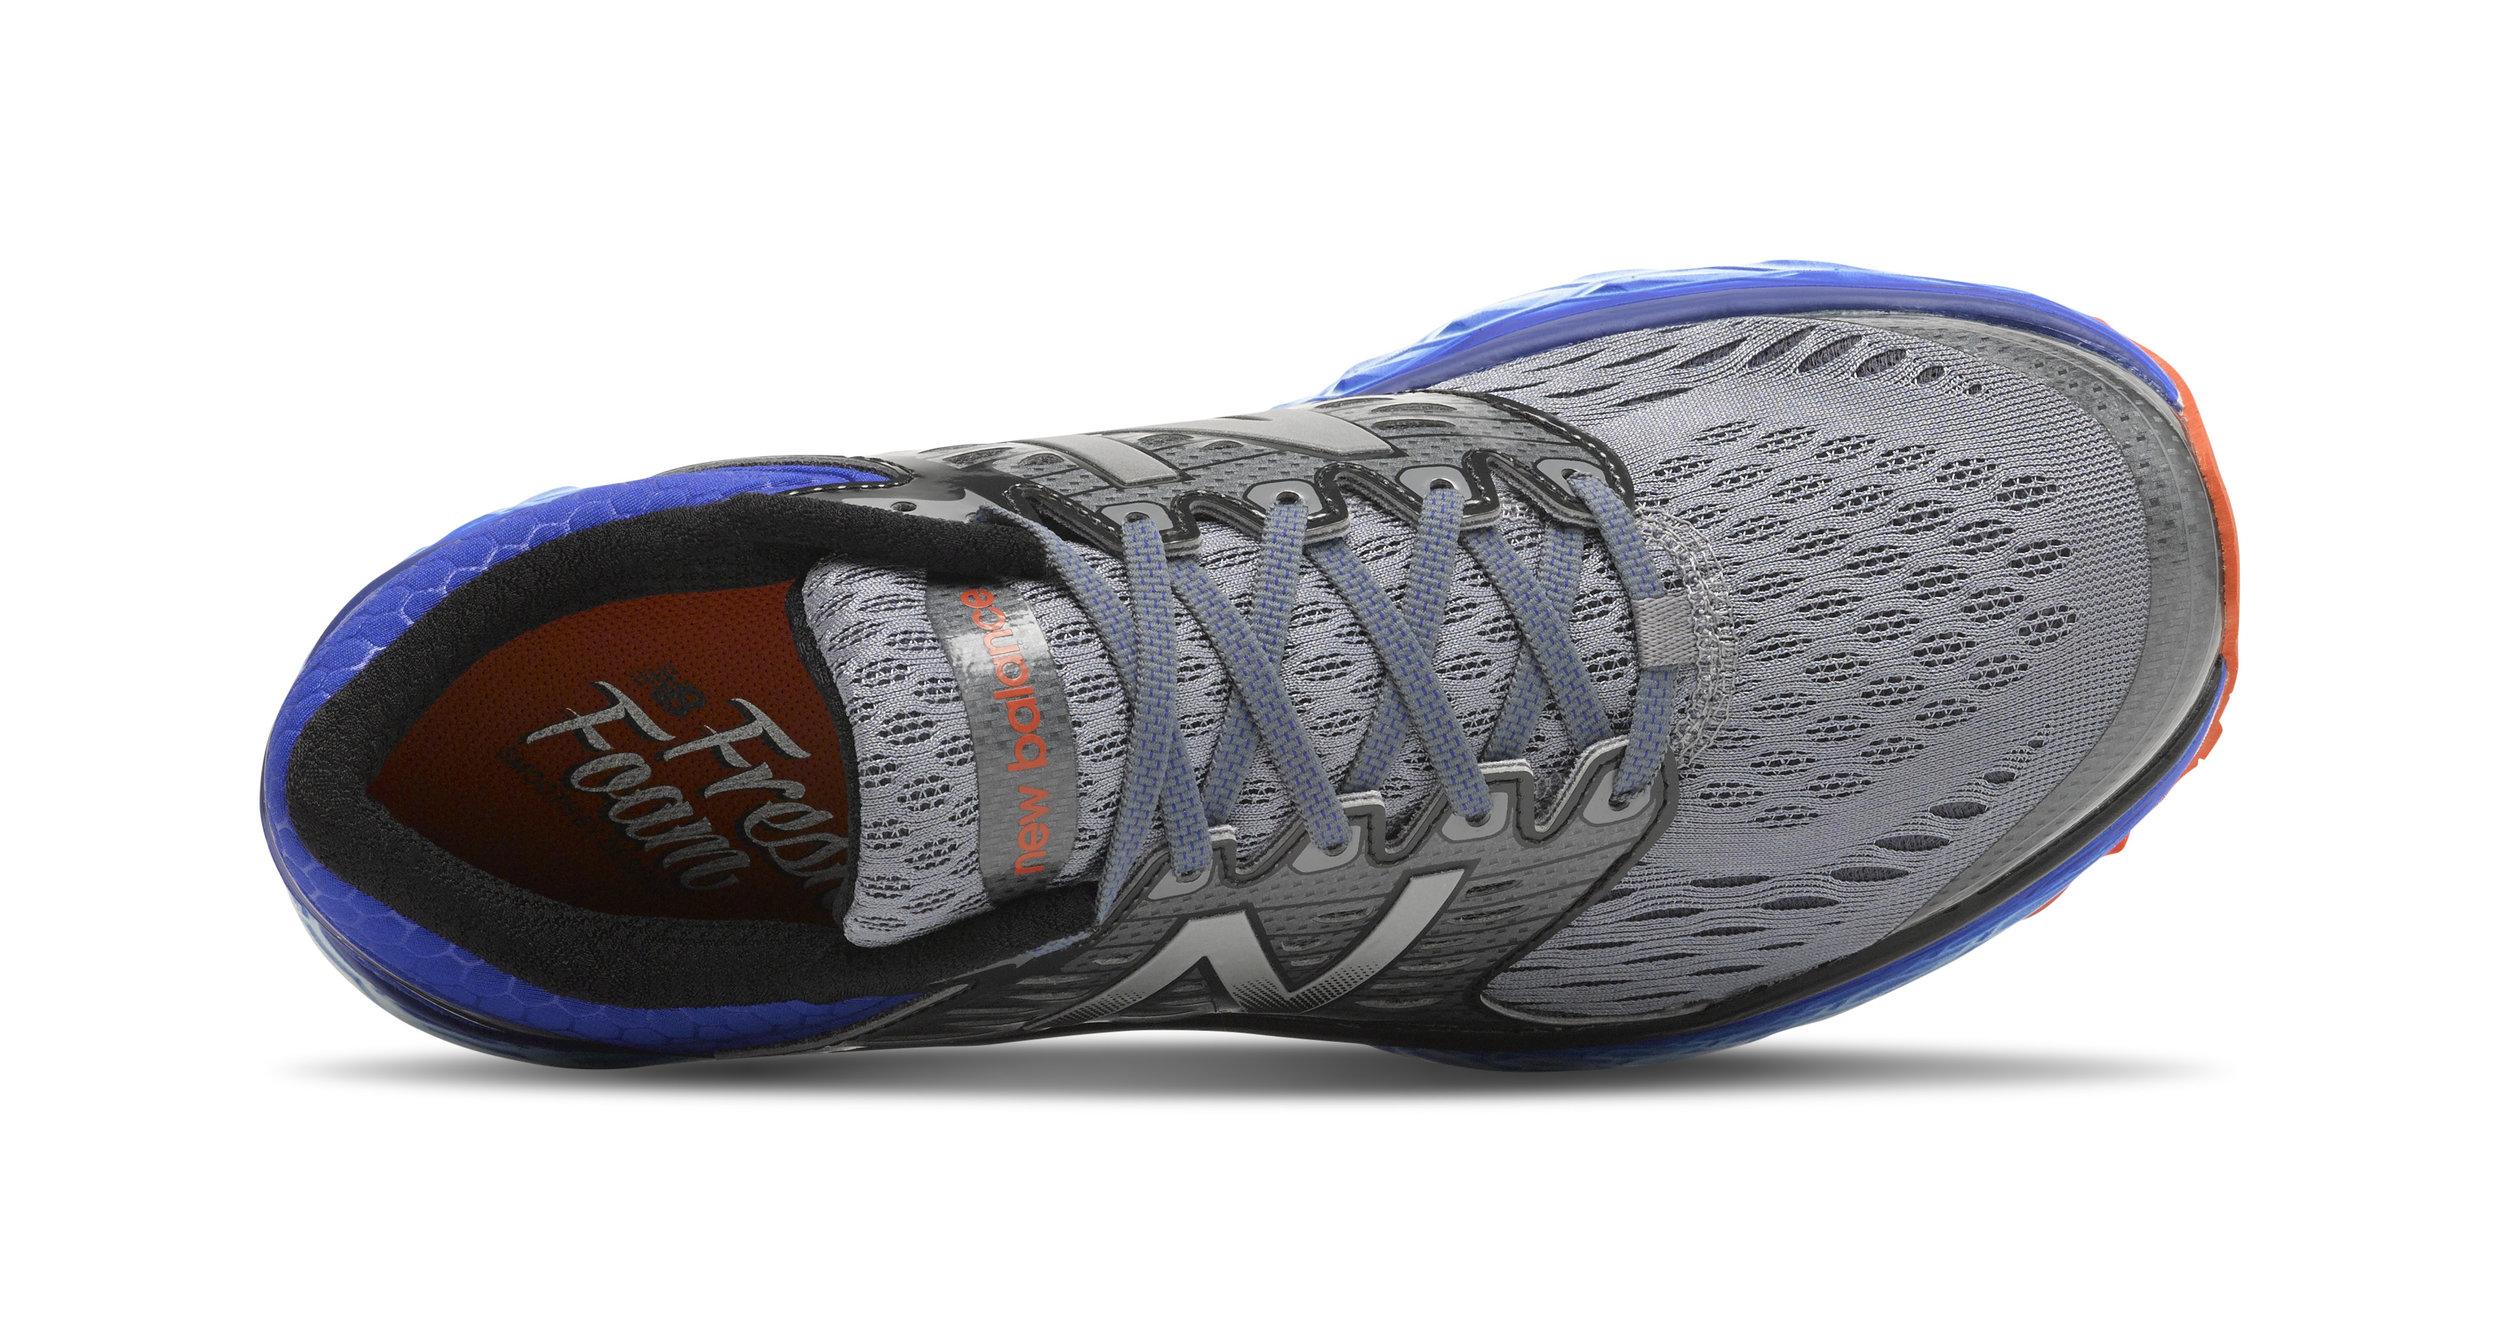 0047_fresh-foam-1080_M1080-V6_M-10.5_SILVER-BLUE_Top.jpg